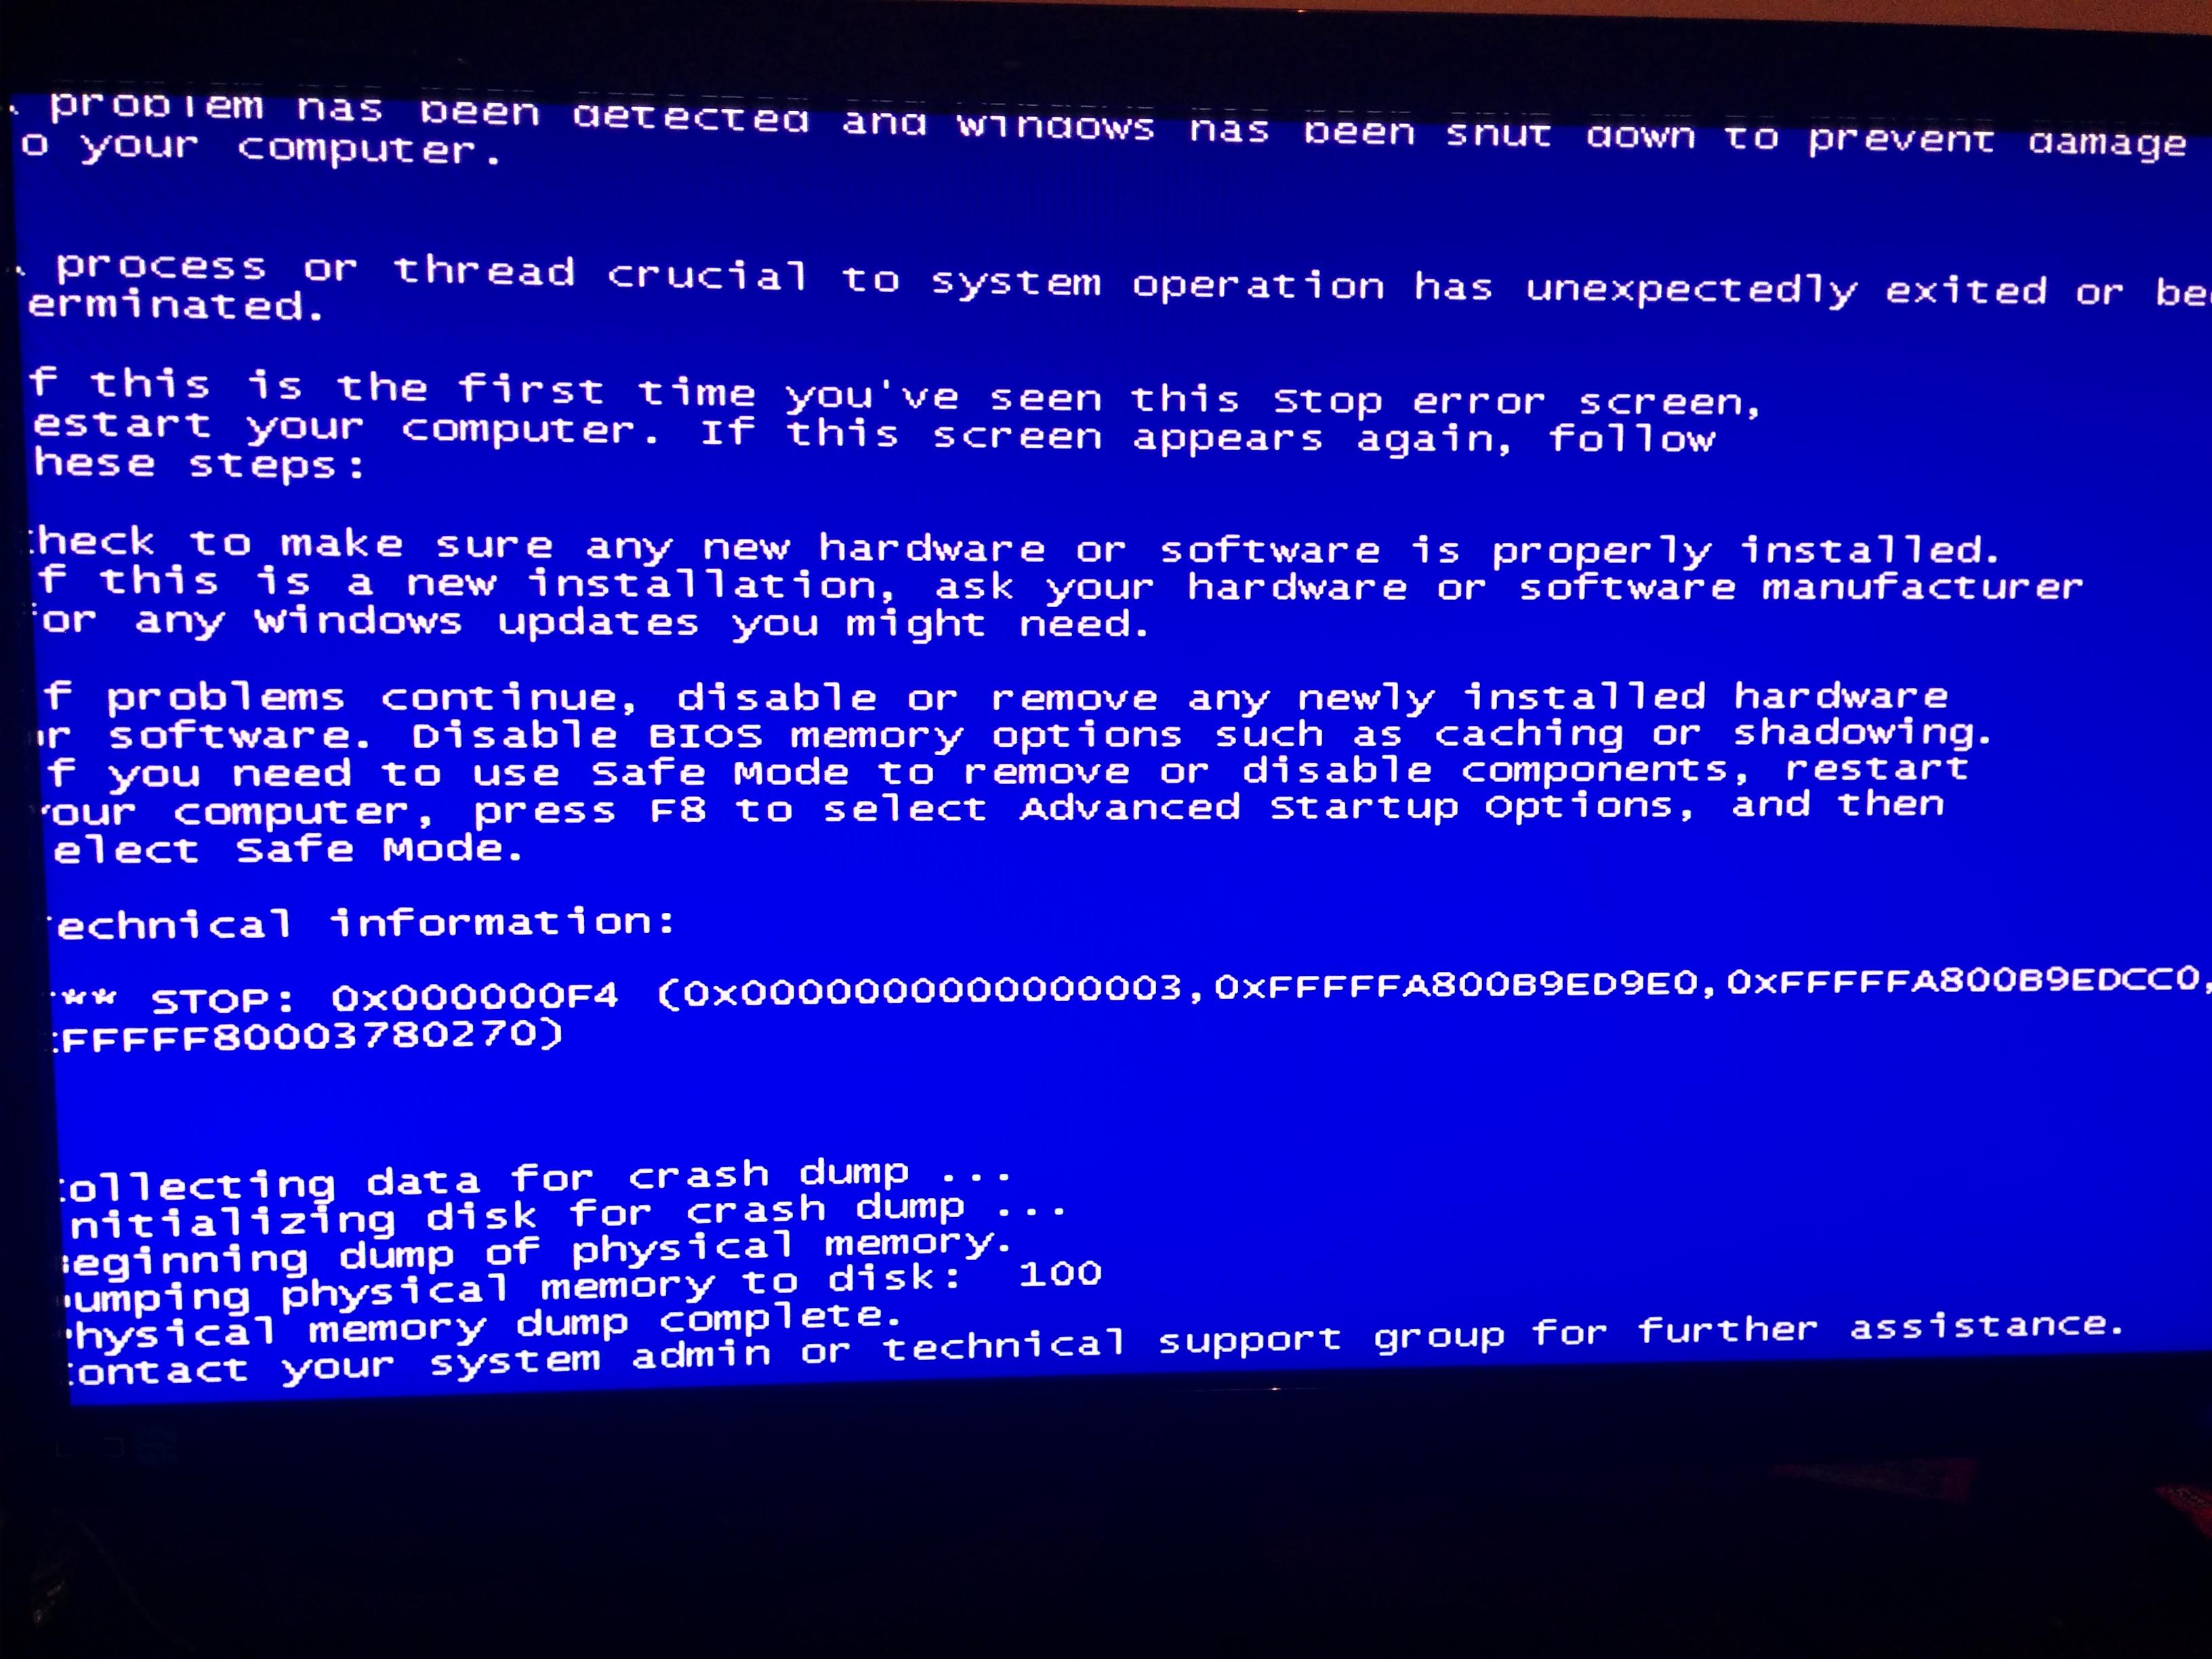 Pourquoi j'ai des fichiers en bleu